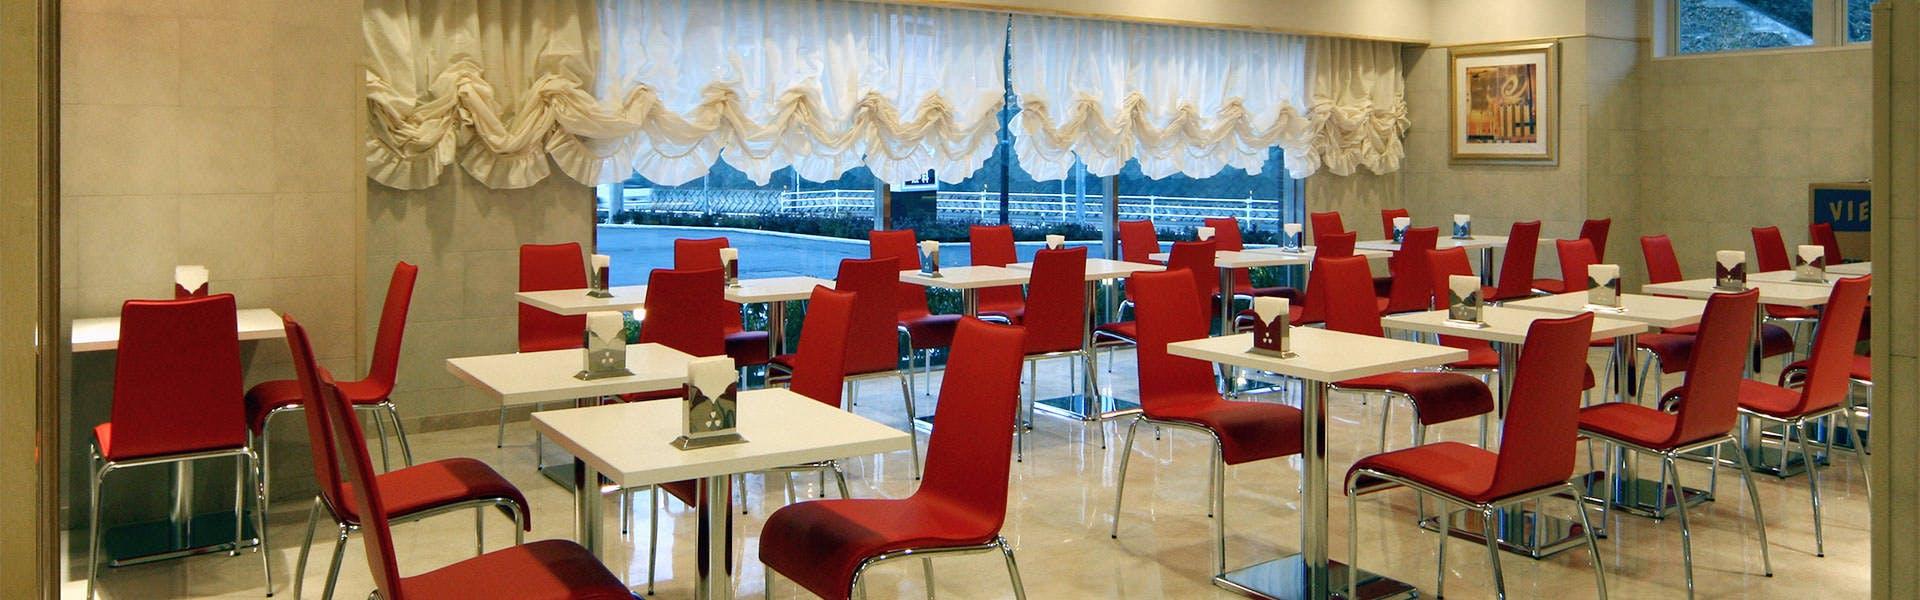 記念日におすすめのホテル・【ラクシオ・イン】の写真3